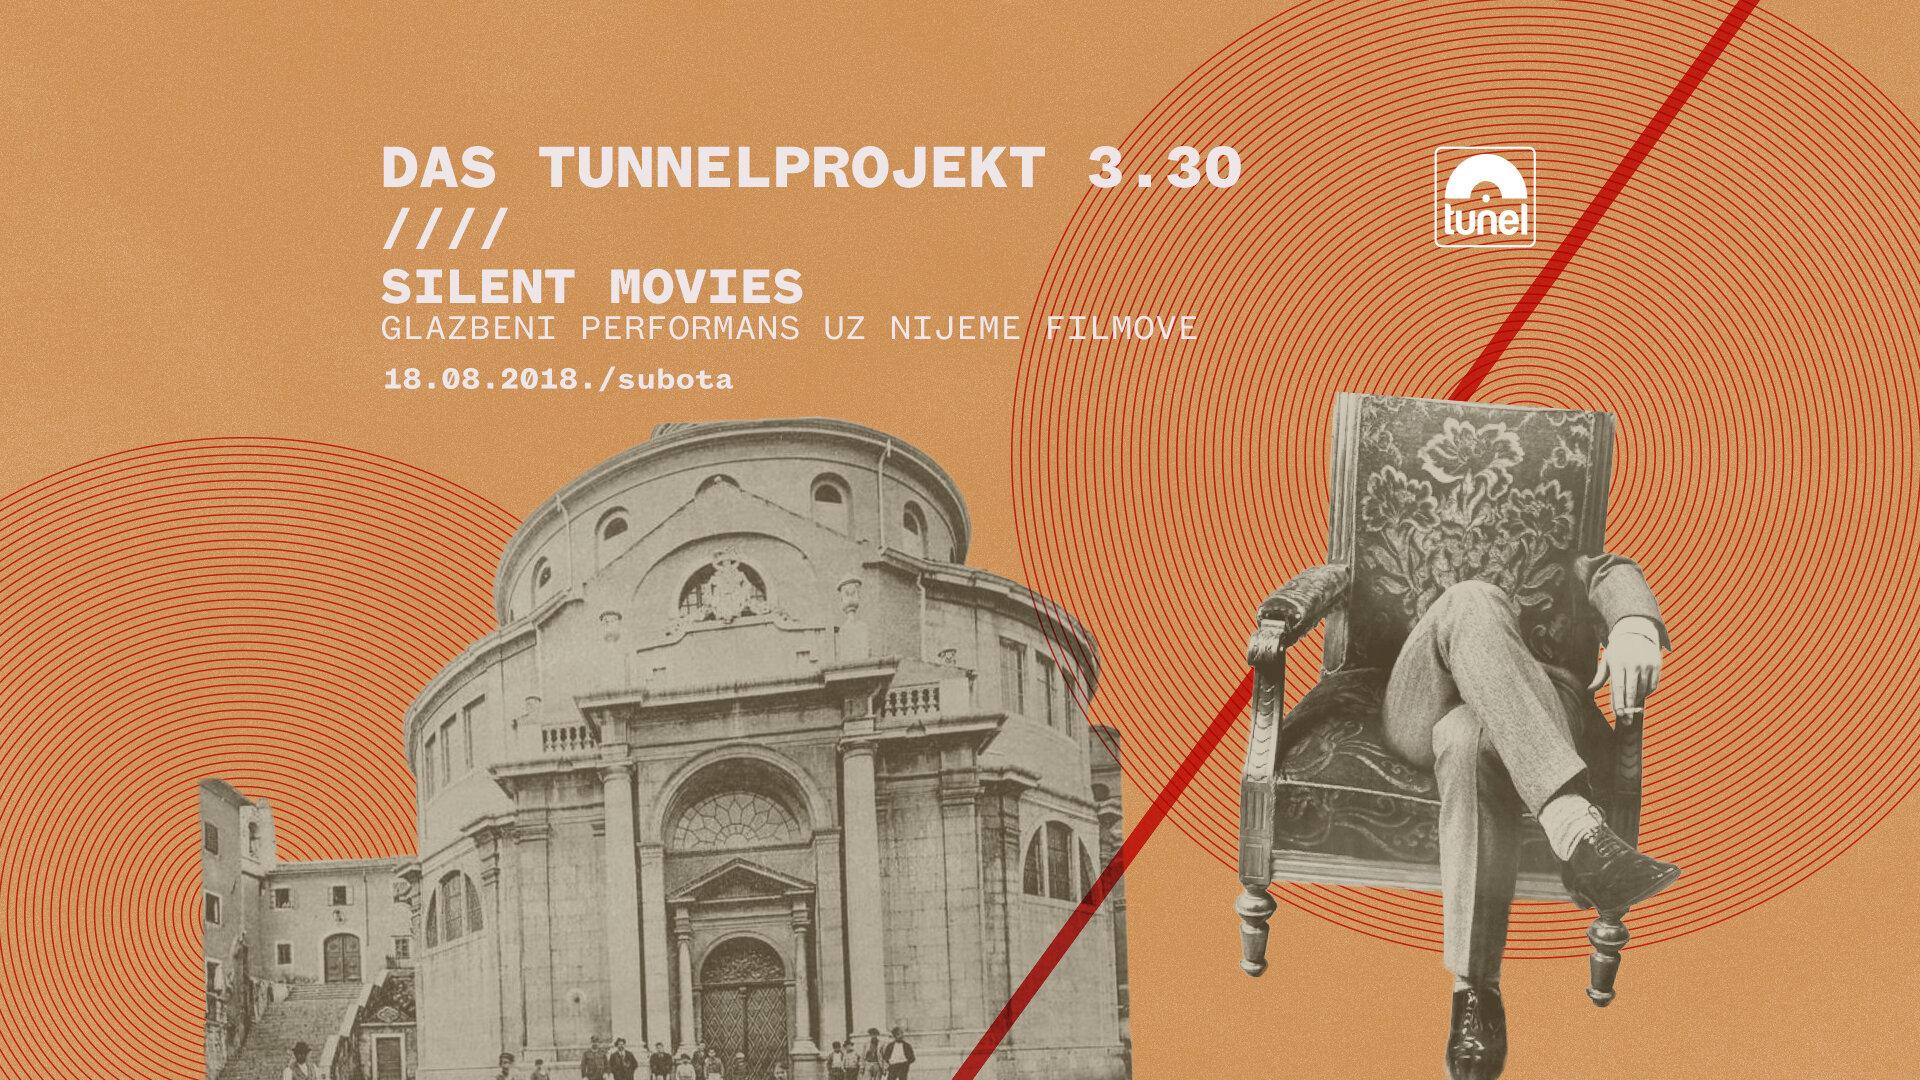 Das-tunnelprojekt-silent-movie.jpg